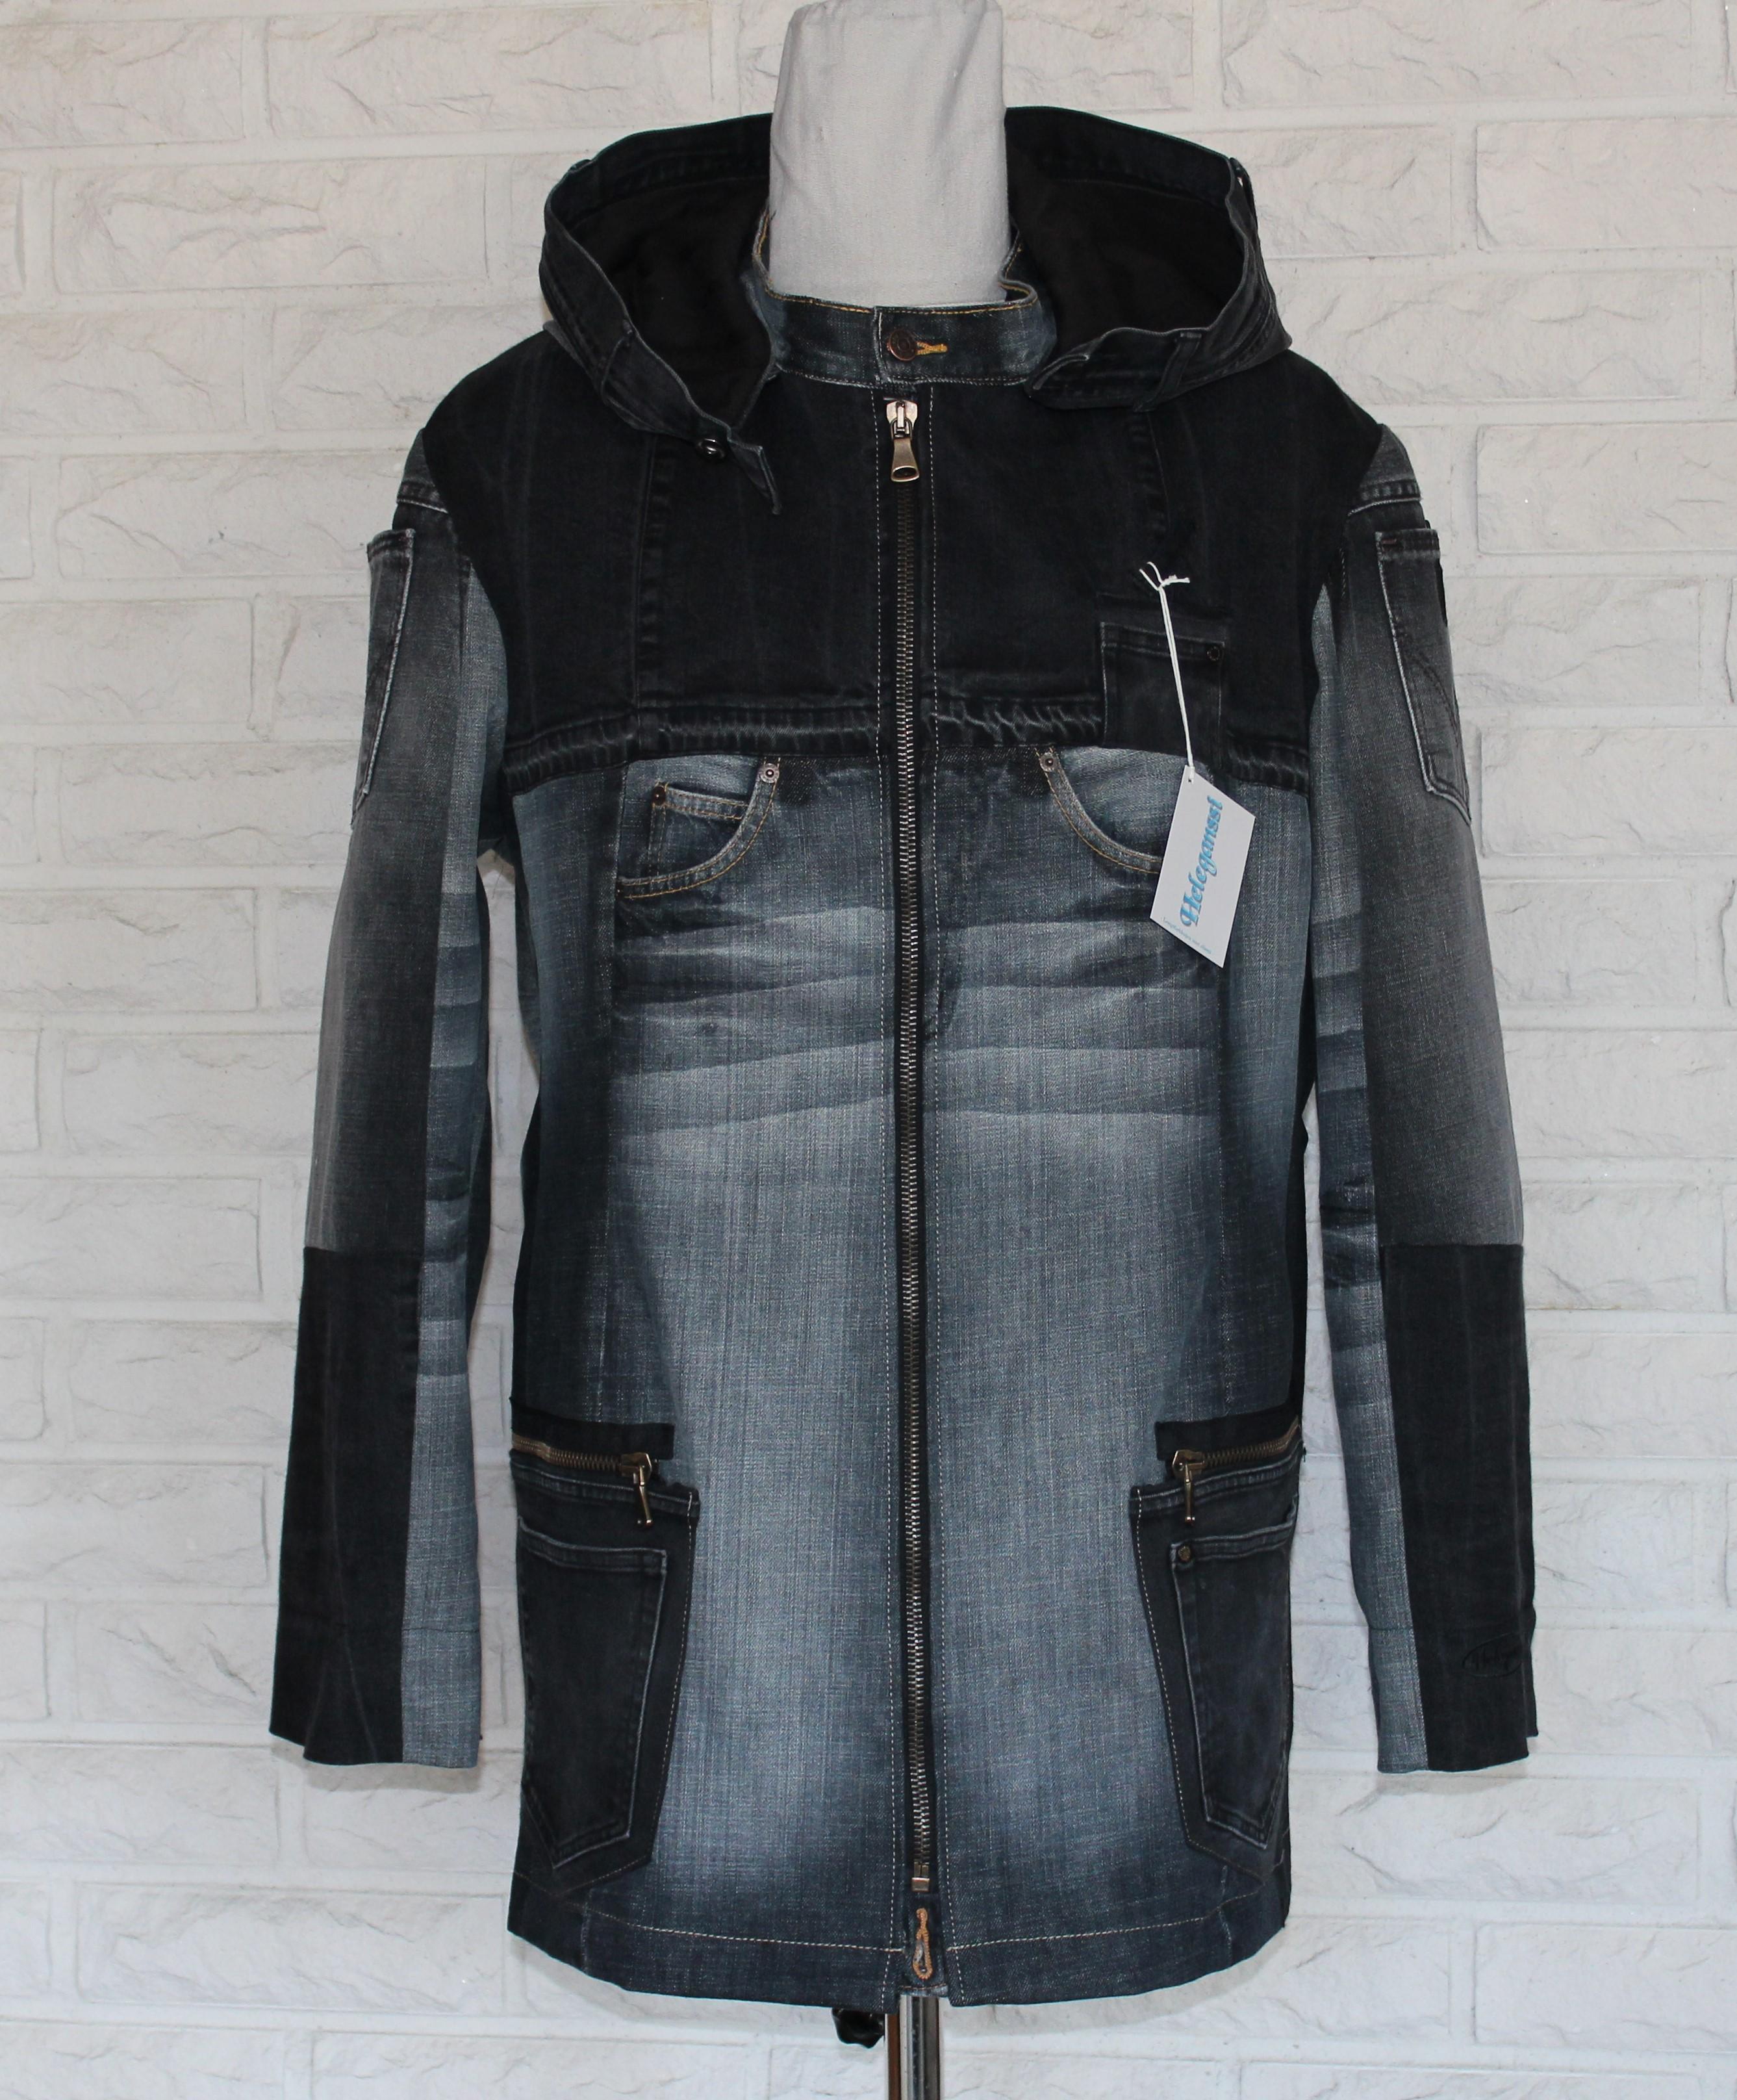 Musta-harmaa takki edestä